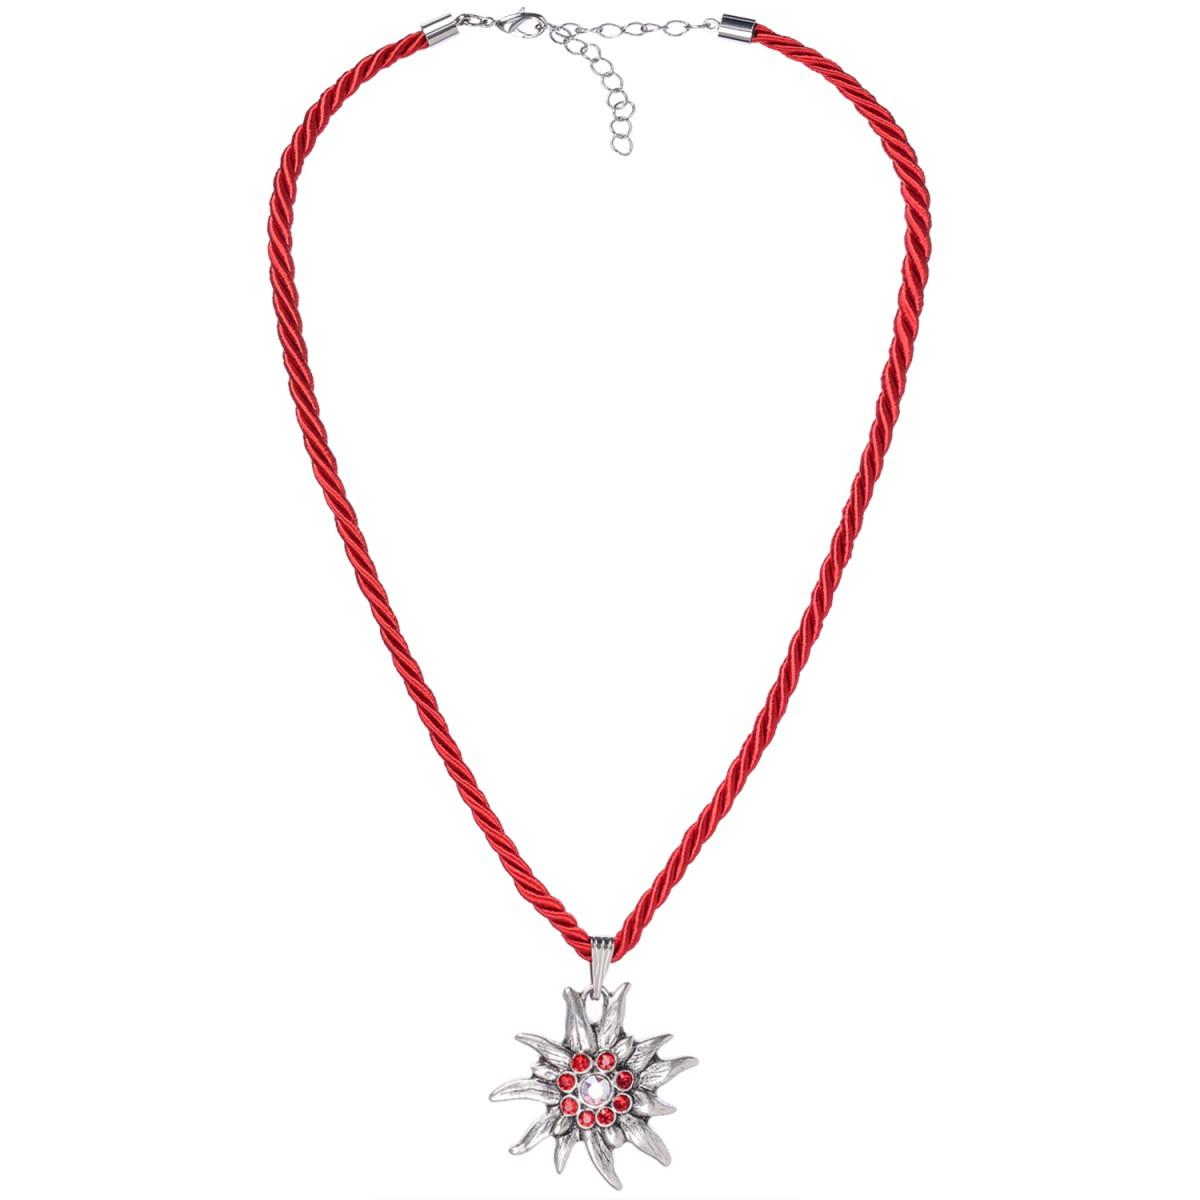 Halskette in Rot mit Edelweißanhänger von Schlick Accessoires